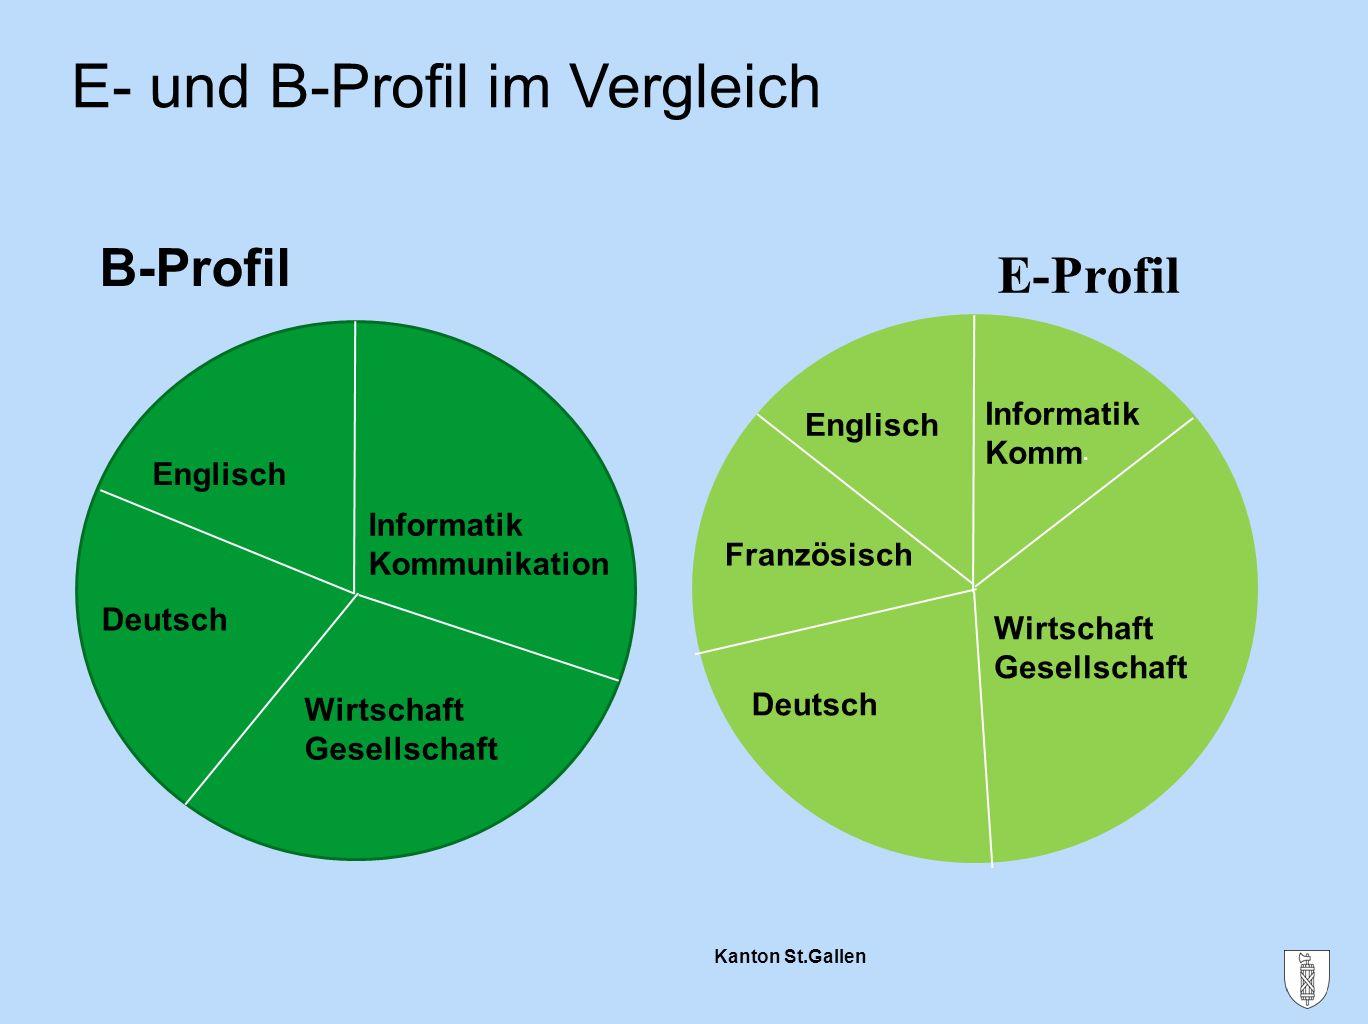 E- und B-Profil im Vergleich